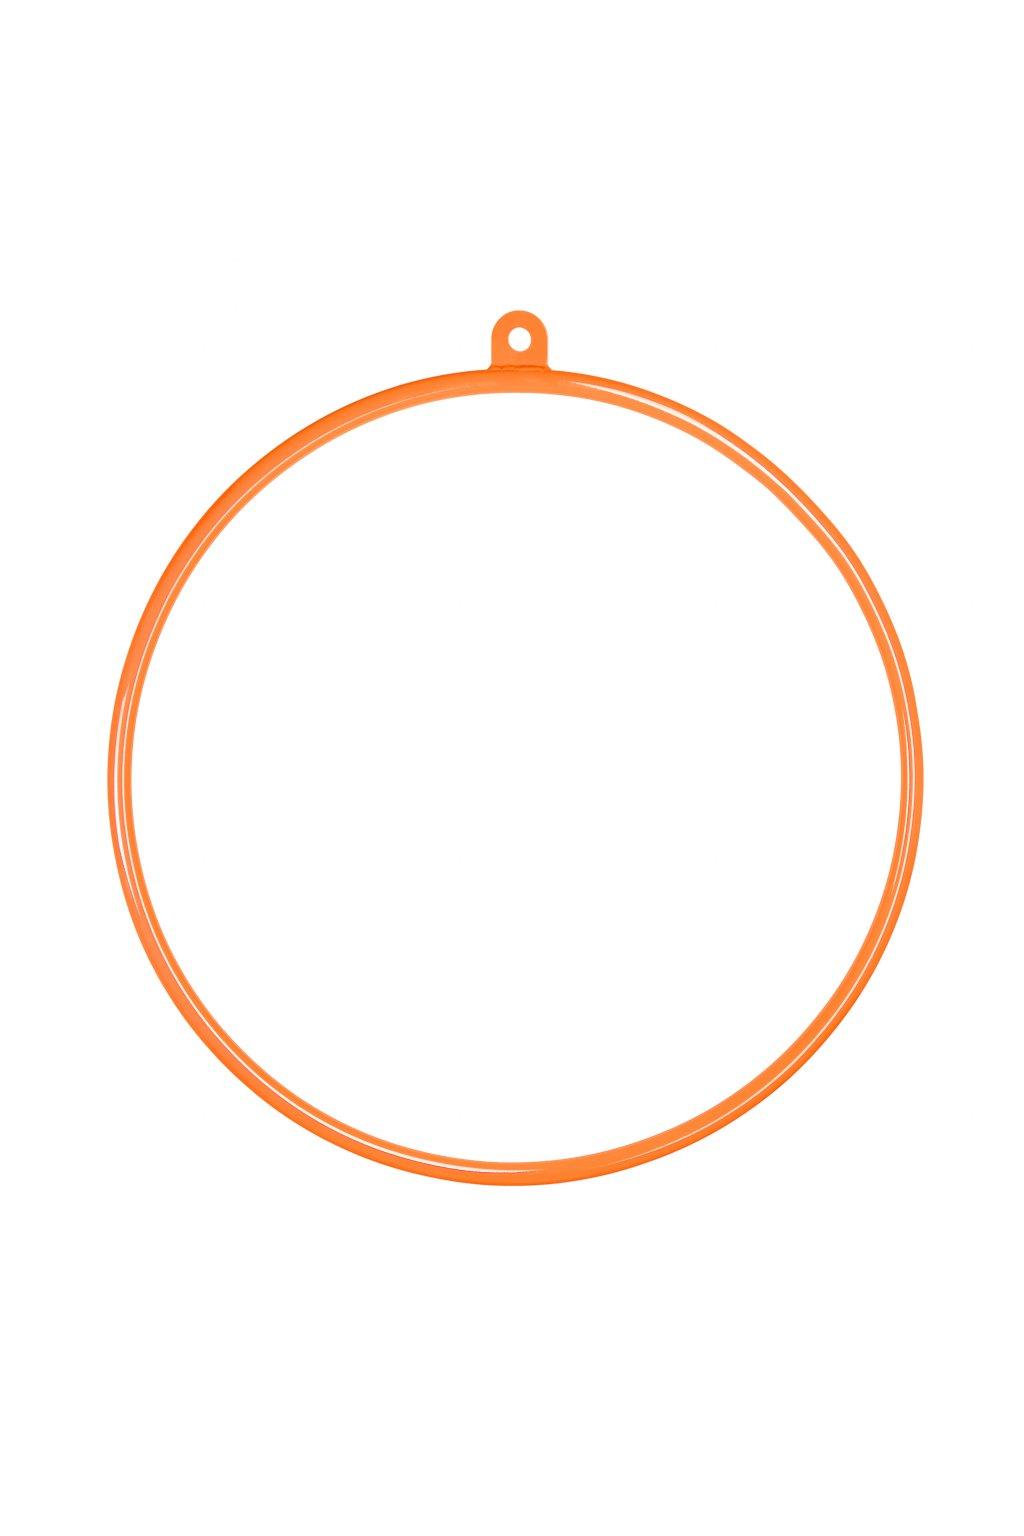 obruc jednobod cerna 1000px (1)